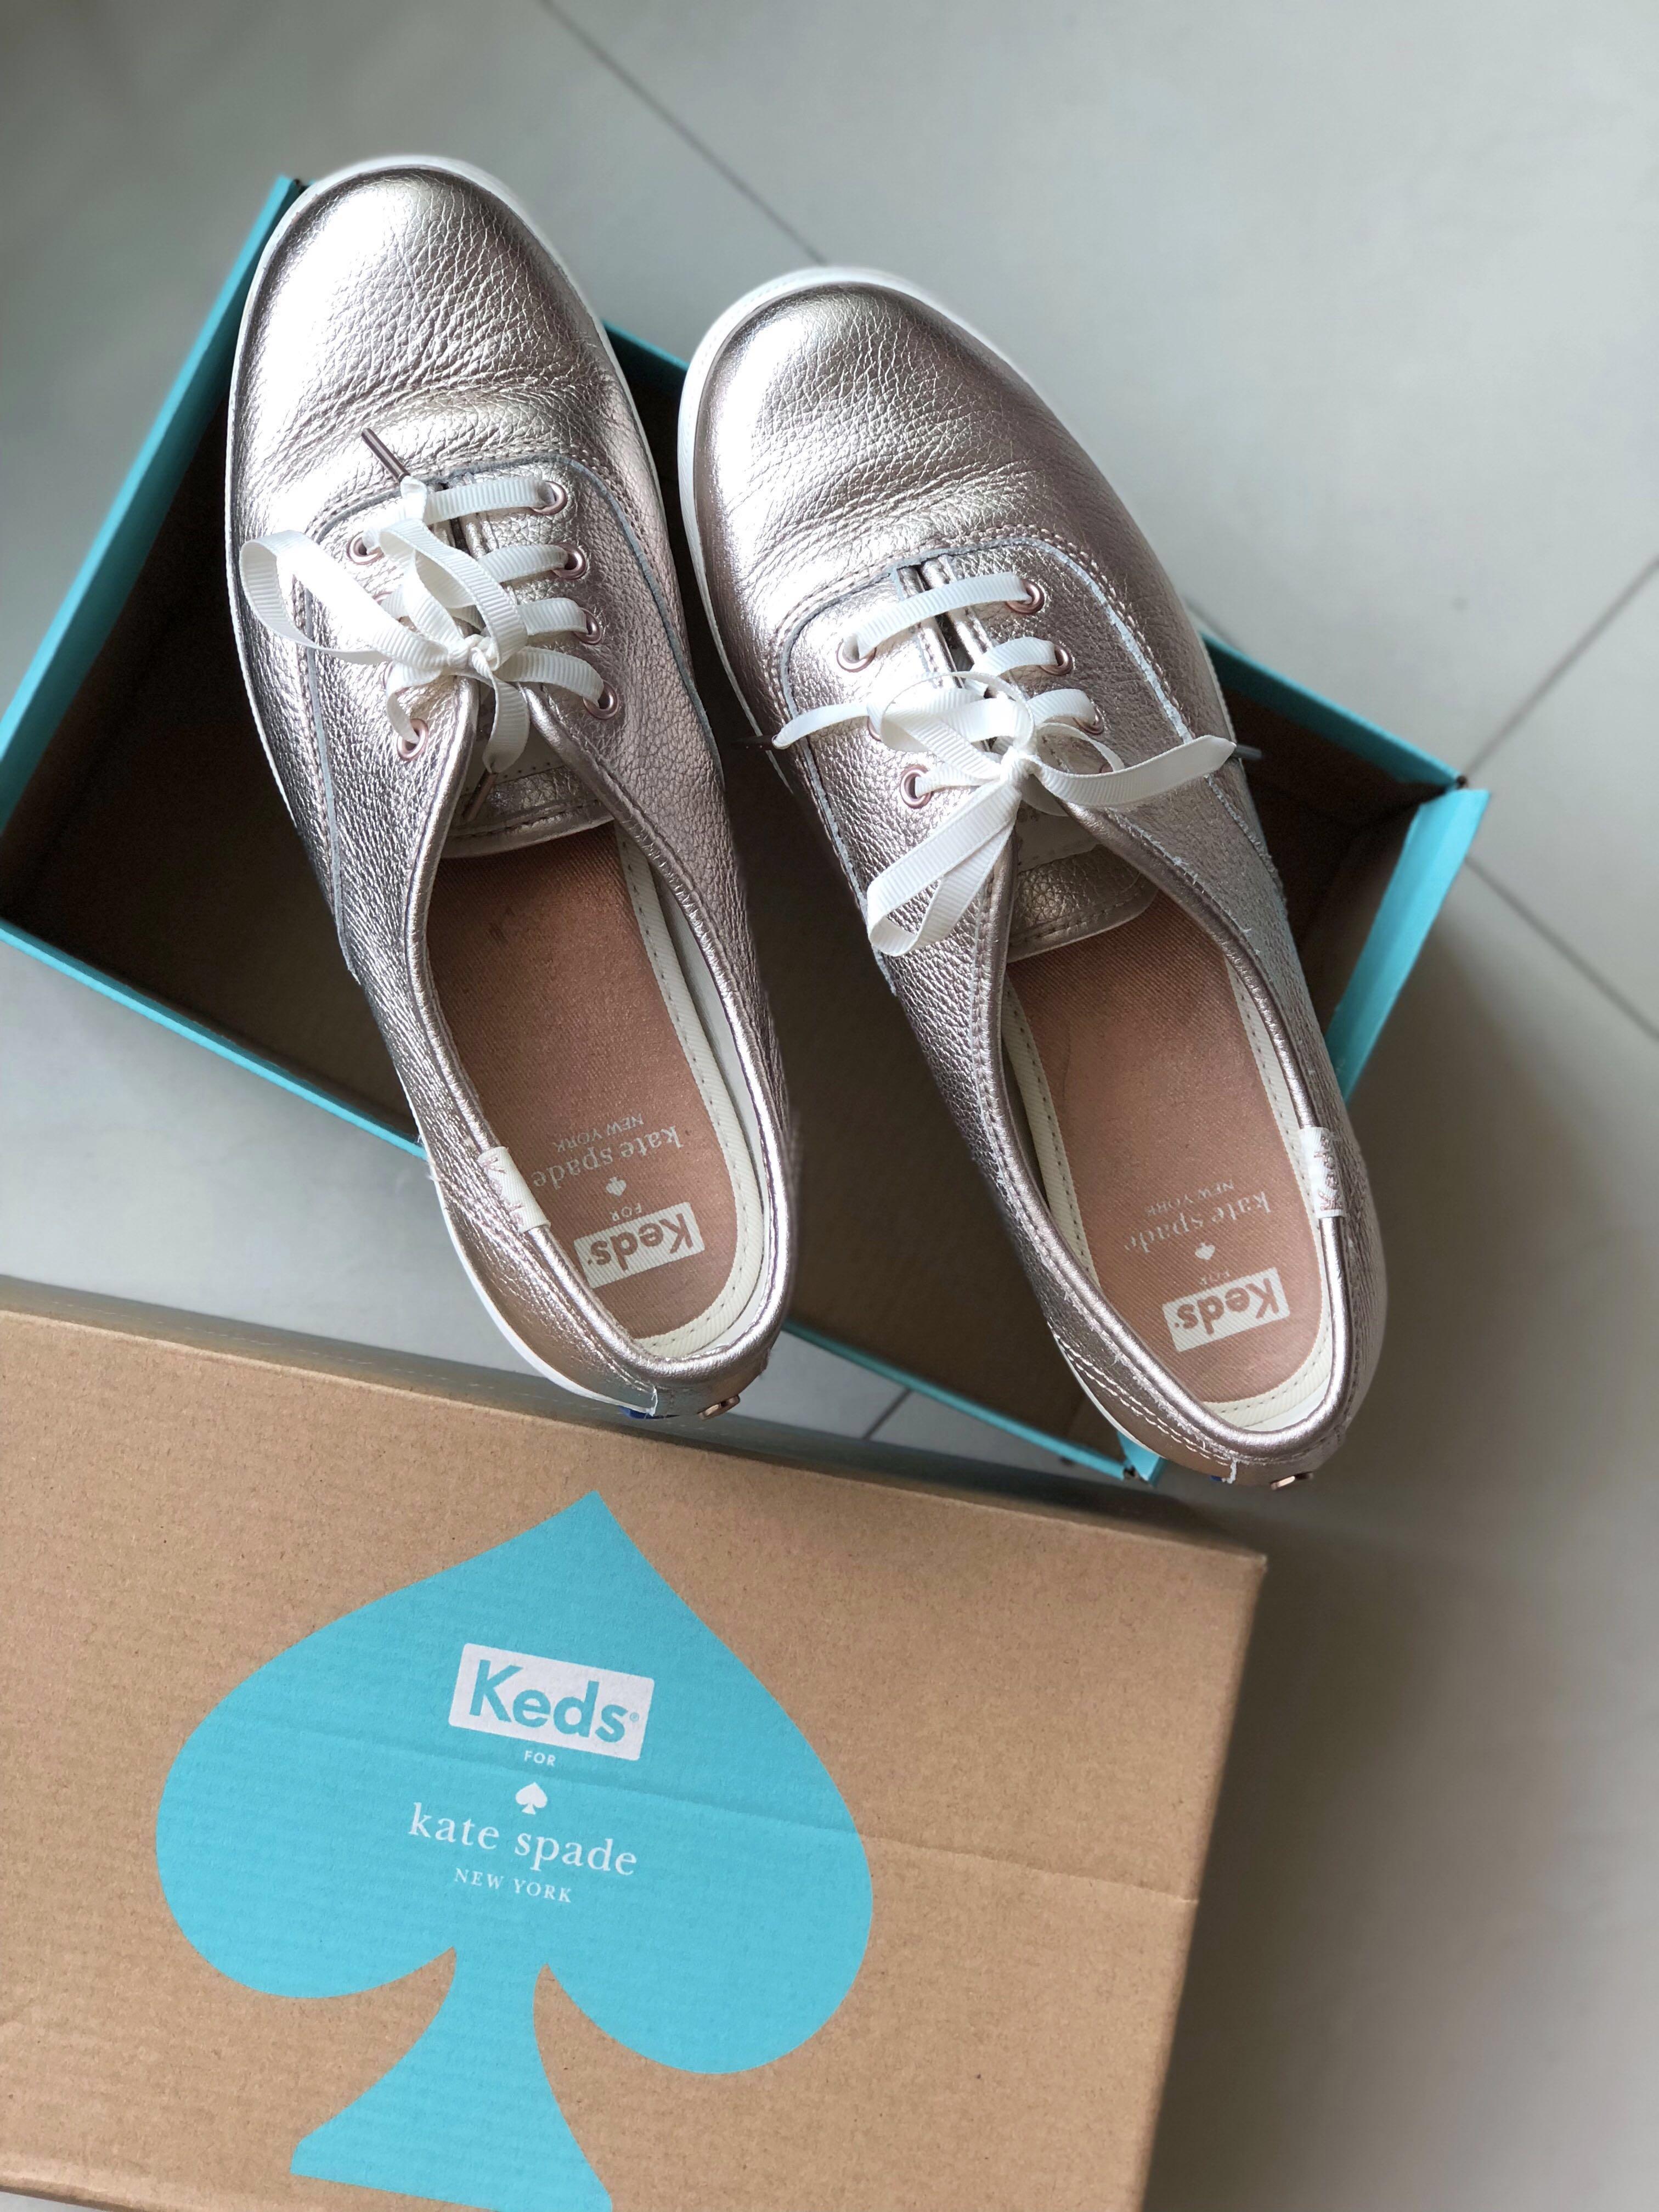 35bd67a5681a Keds X Kate Spade Metallic Rose Gold Shoes